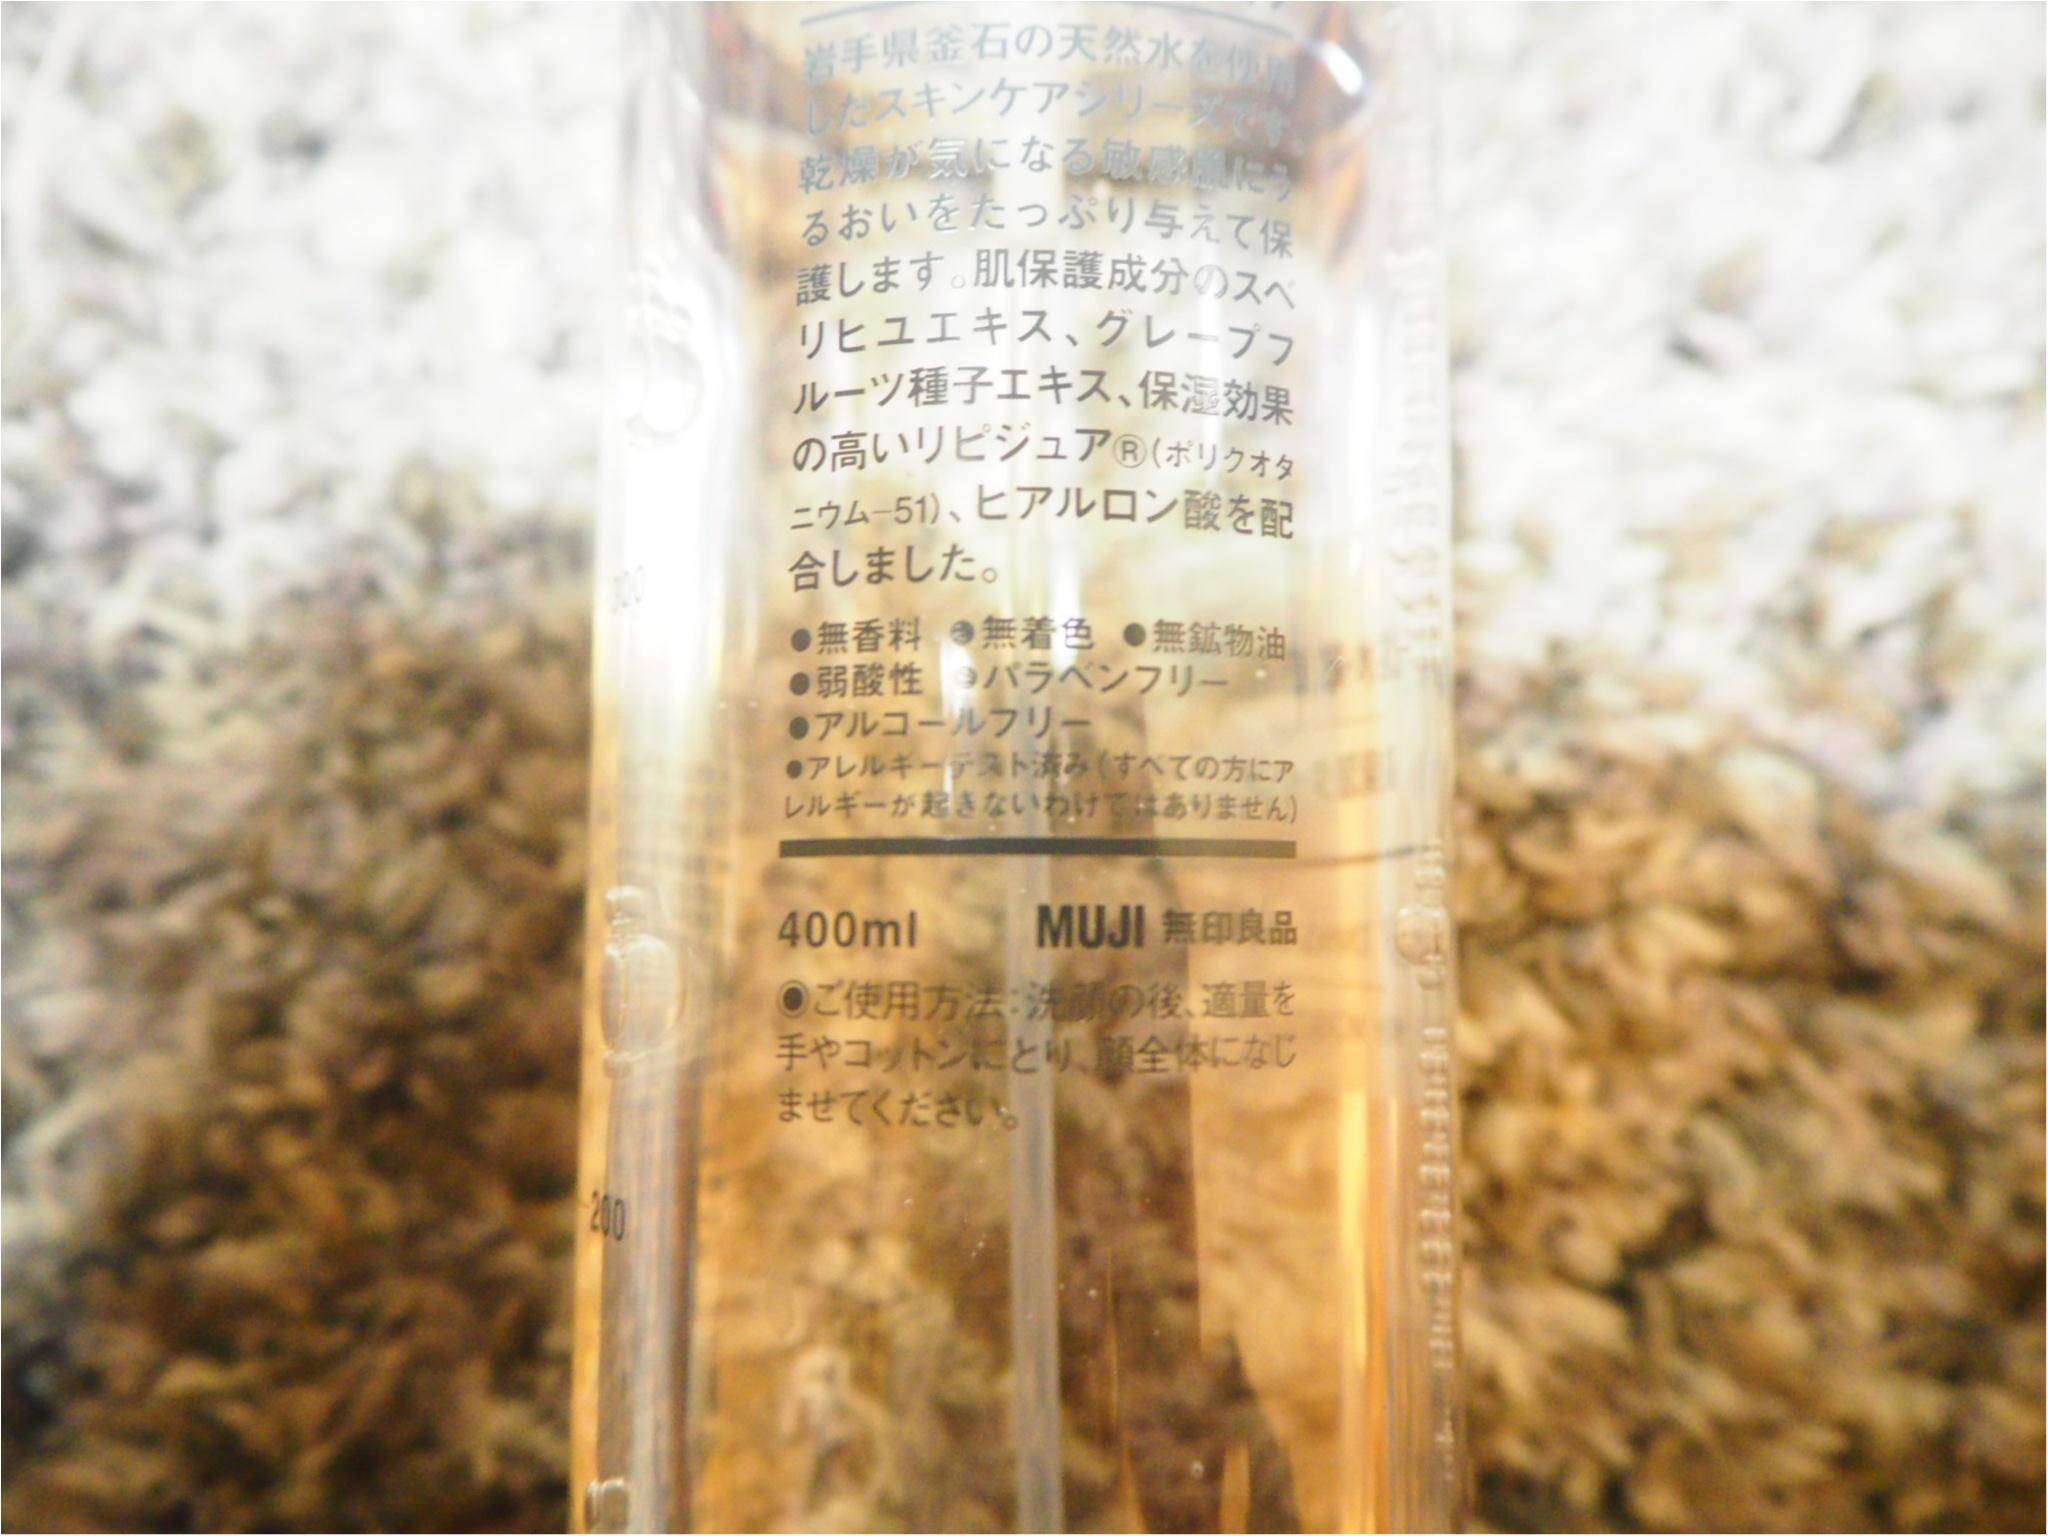 《超簡単》美容大国♡韓国で流行りの【7スキン法】を取り入れました!_2